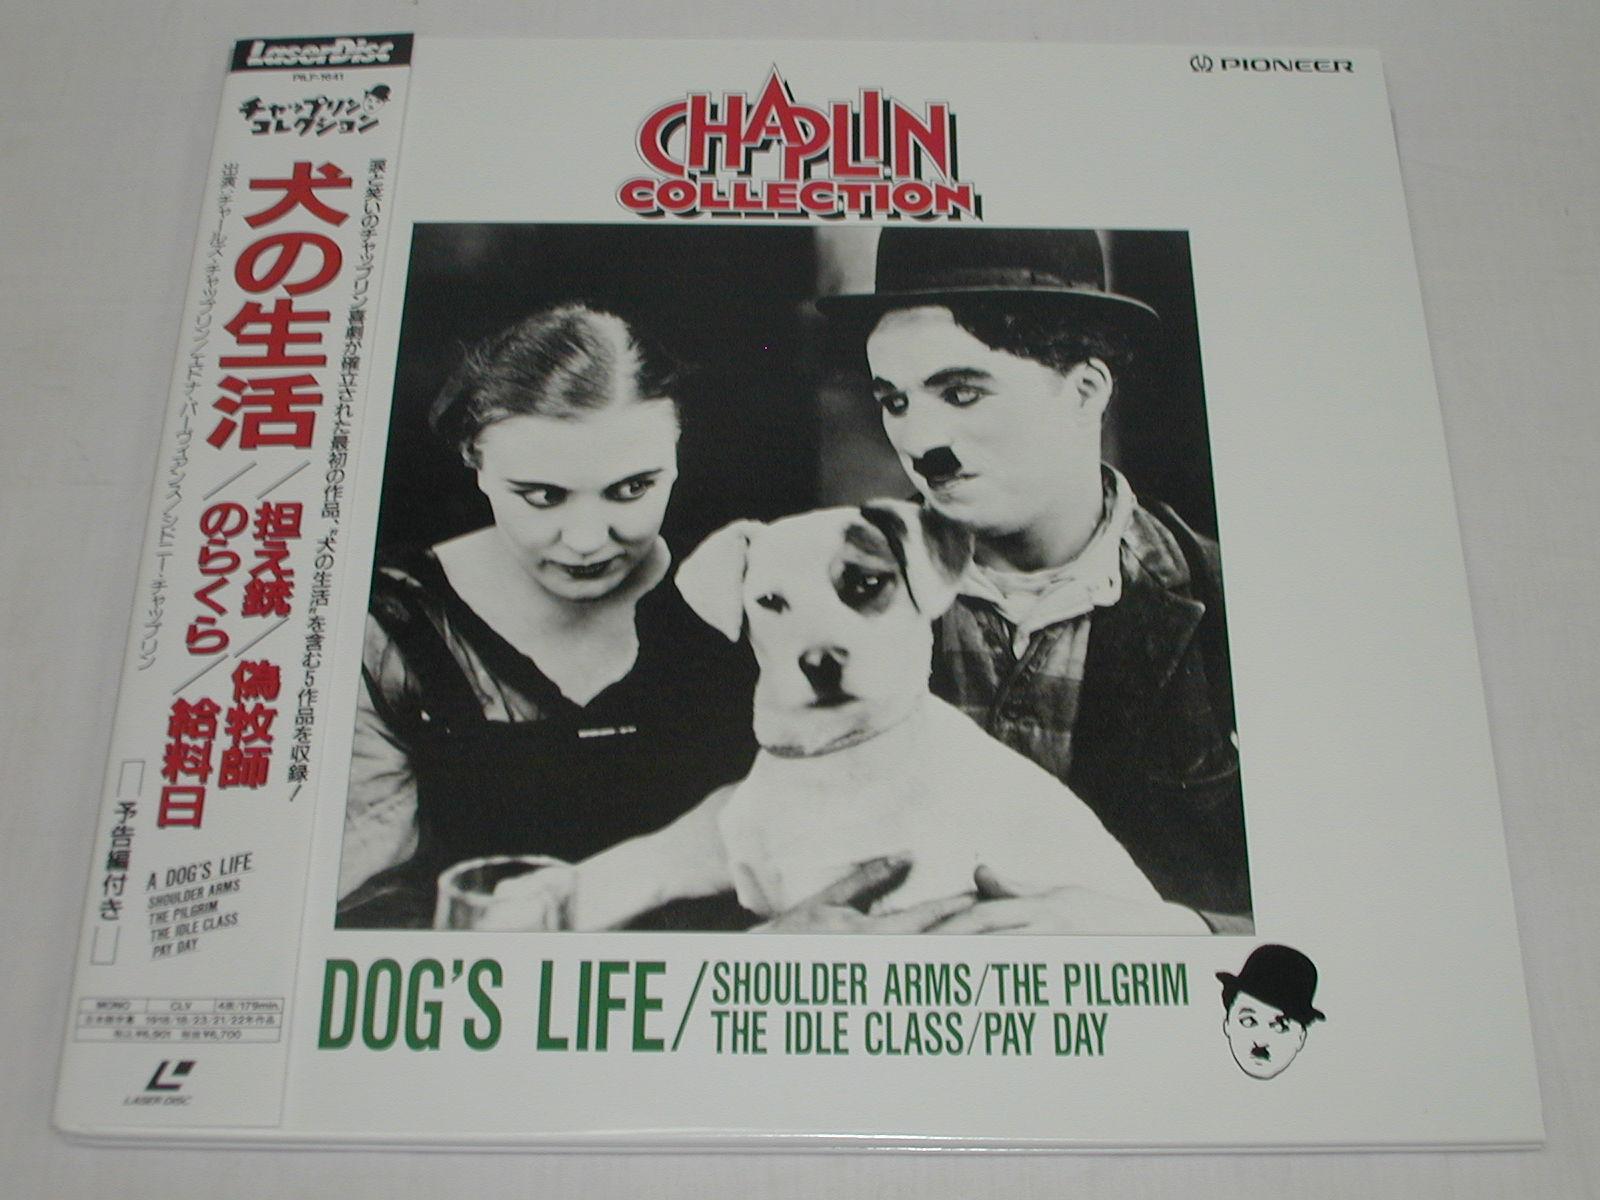 LD チャップリン 今だけ限定15%OFFクーポン発行中 コレクション 犬の生活 のらくら 偽牧師 訳あり商品 給料日 担え銃